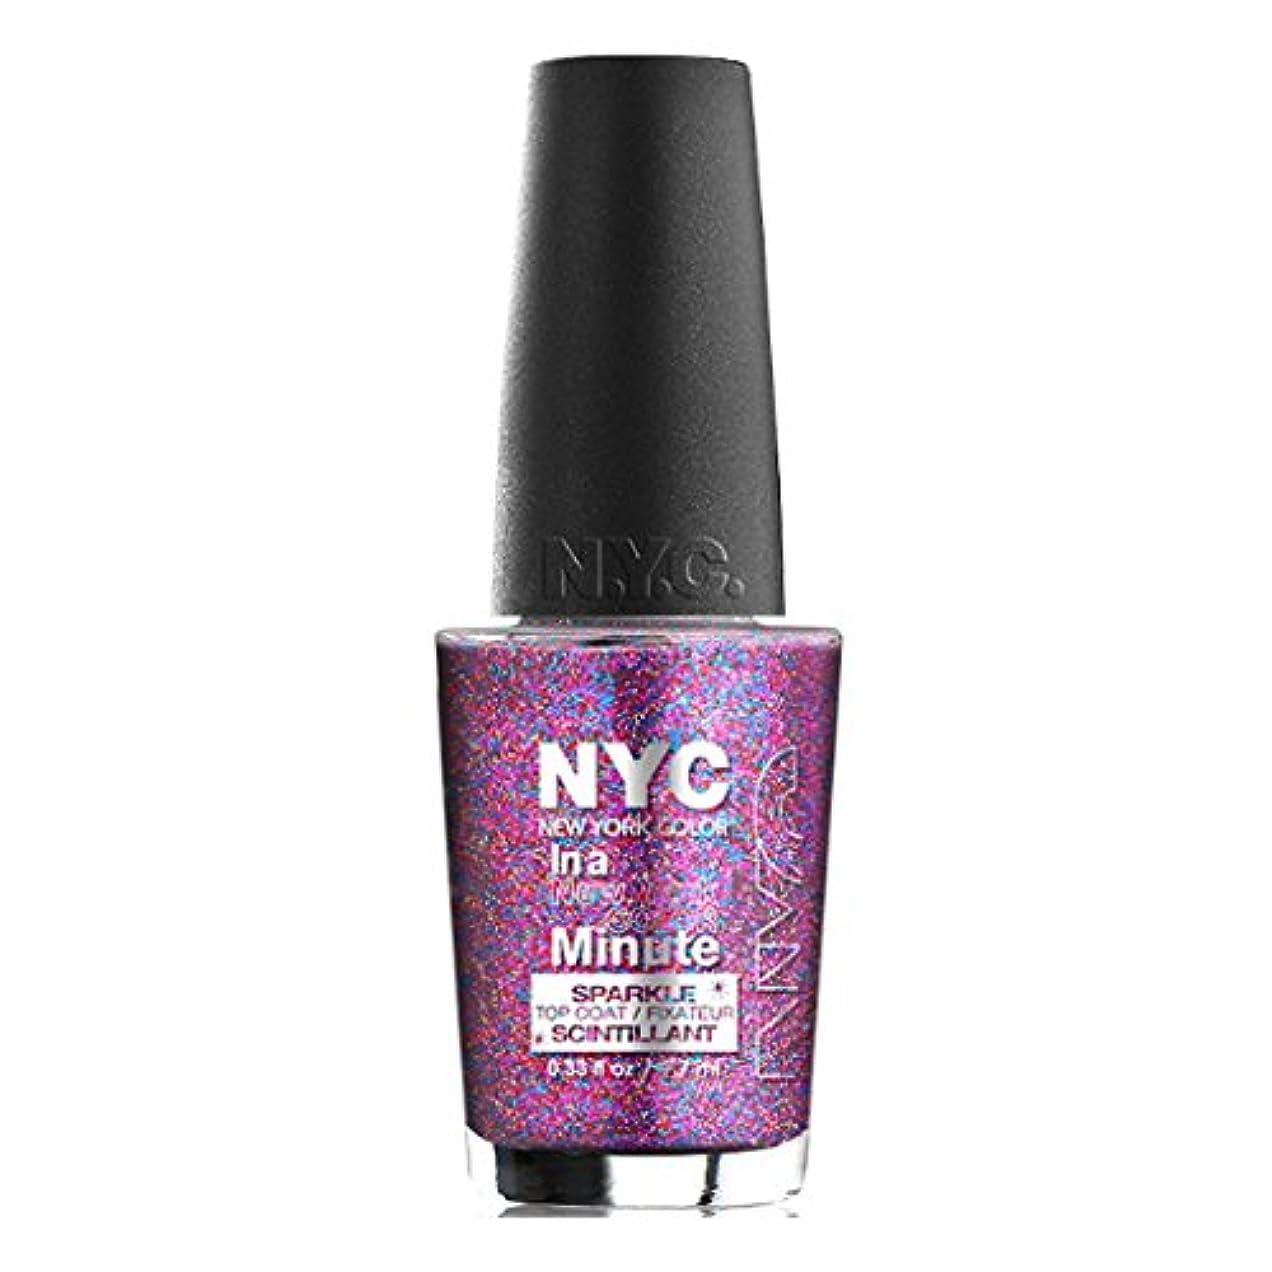 本当に生き残ります変形する(6 Pack) NYC In A New York Color Minute Sparkle Top Coat - Big City Dazzle (並行輸入品)